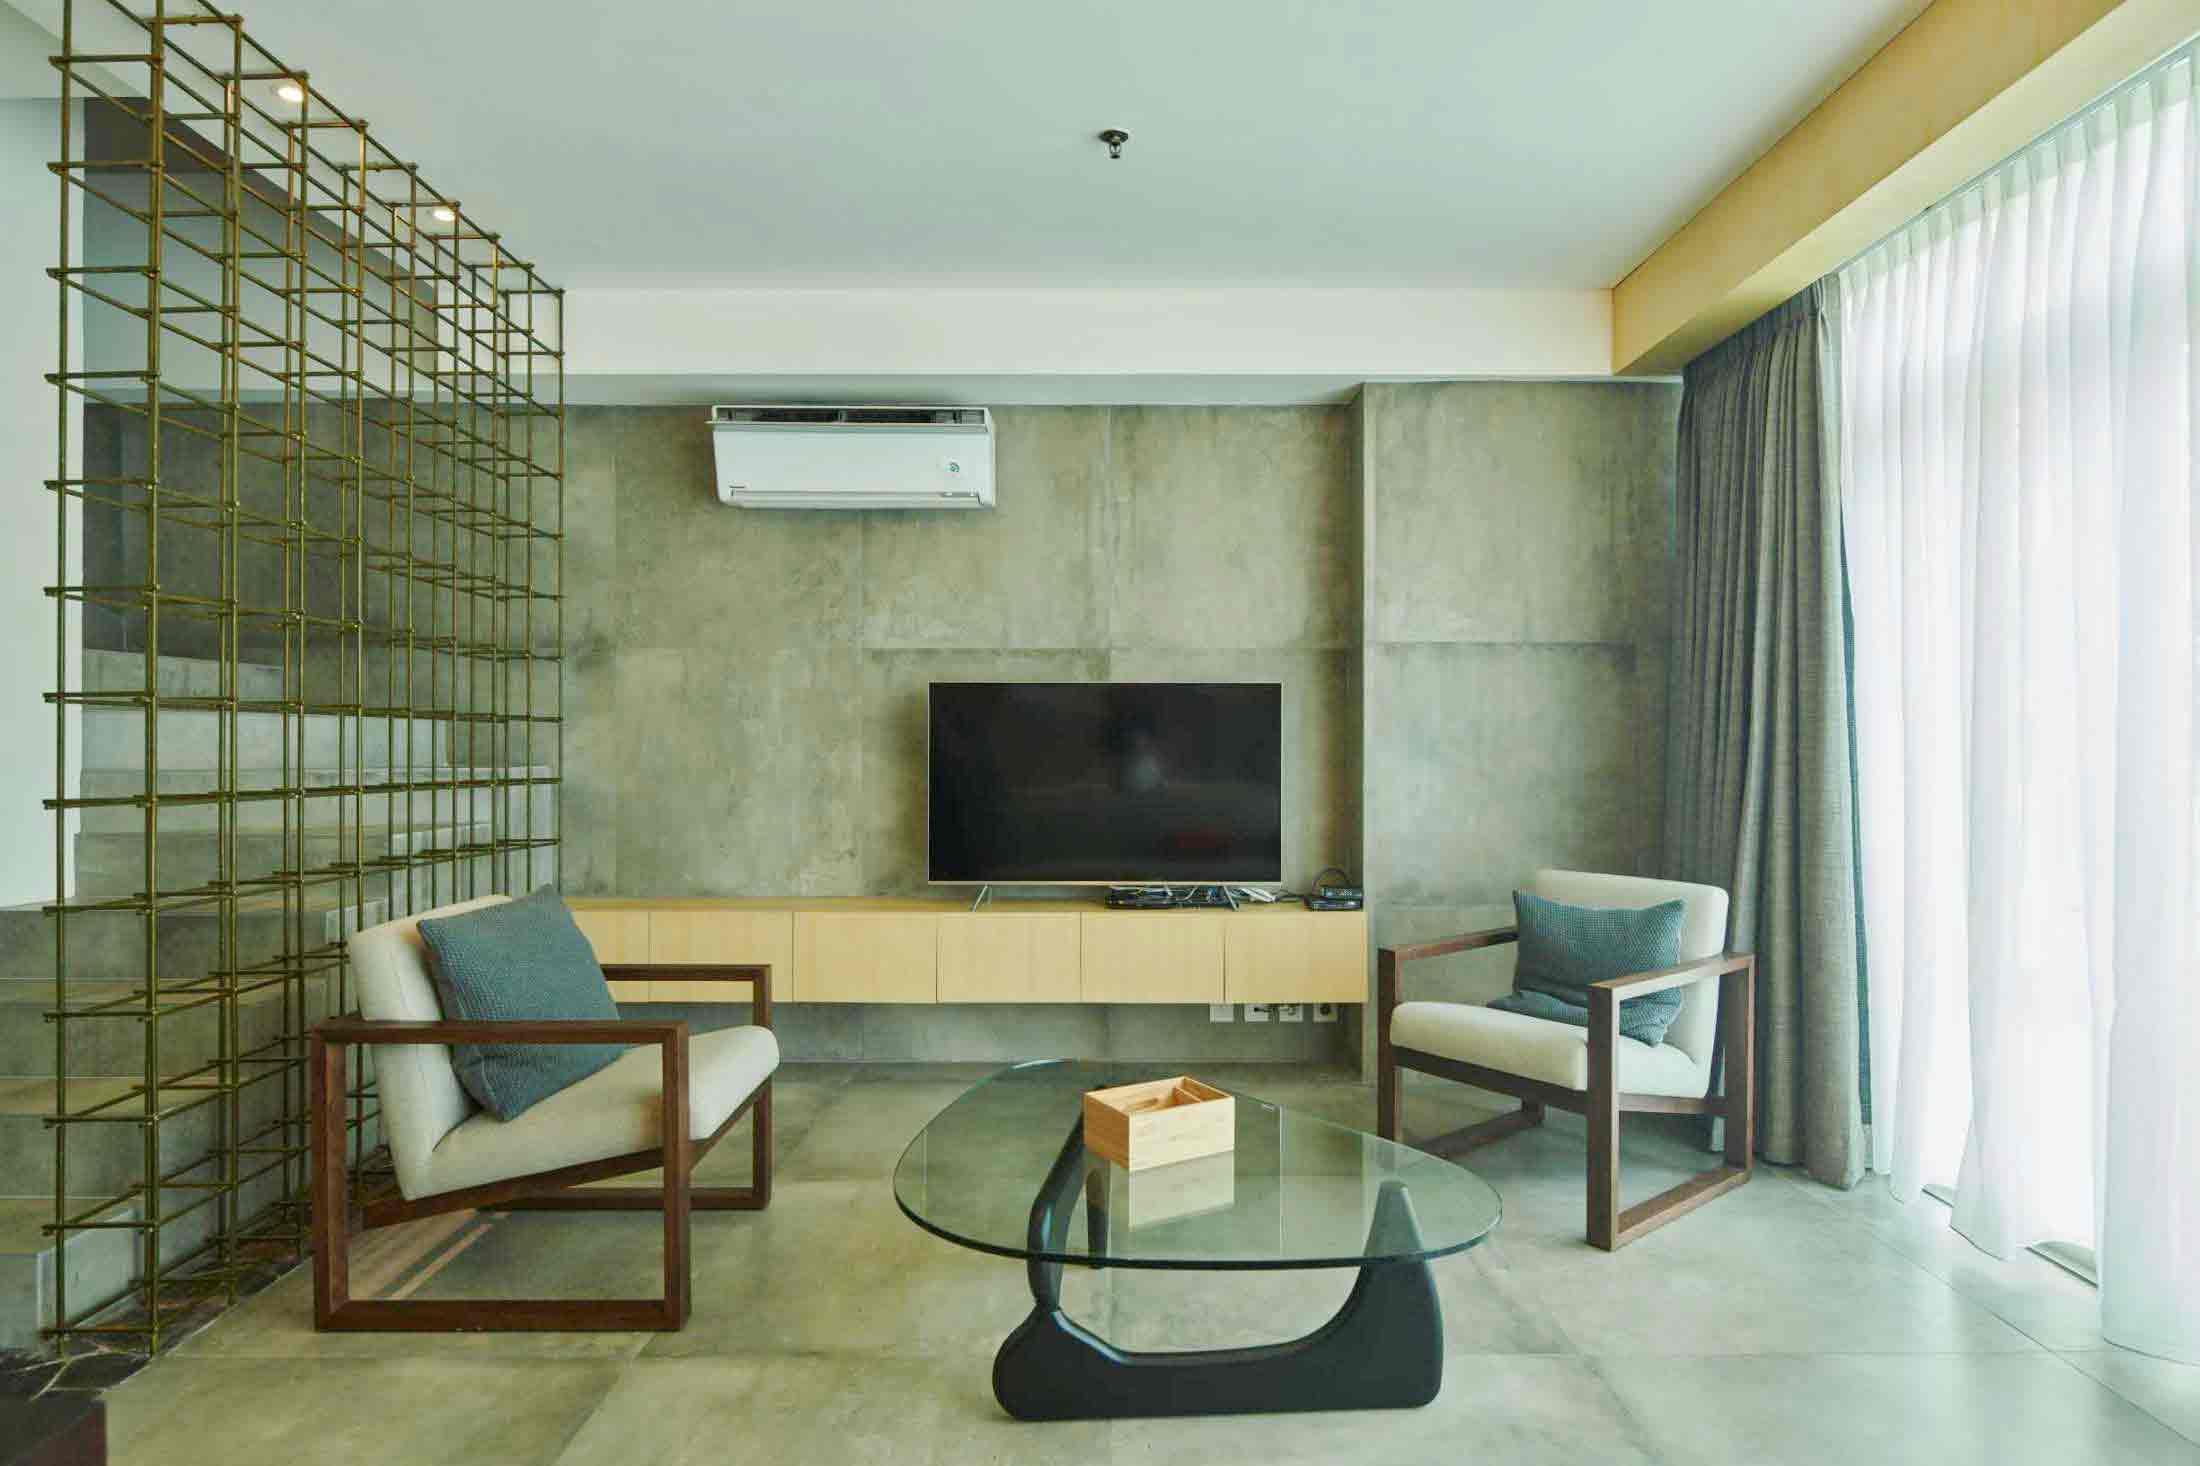 Material beton ekspos untuk dinding dan lantai, karya Hadivincent Architects, via arsitag.com